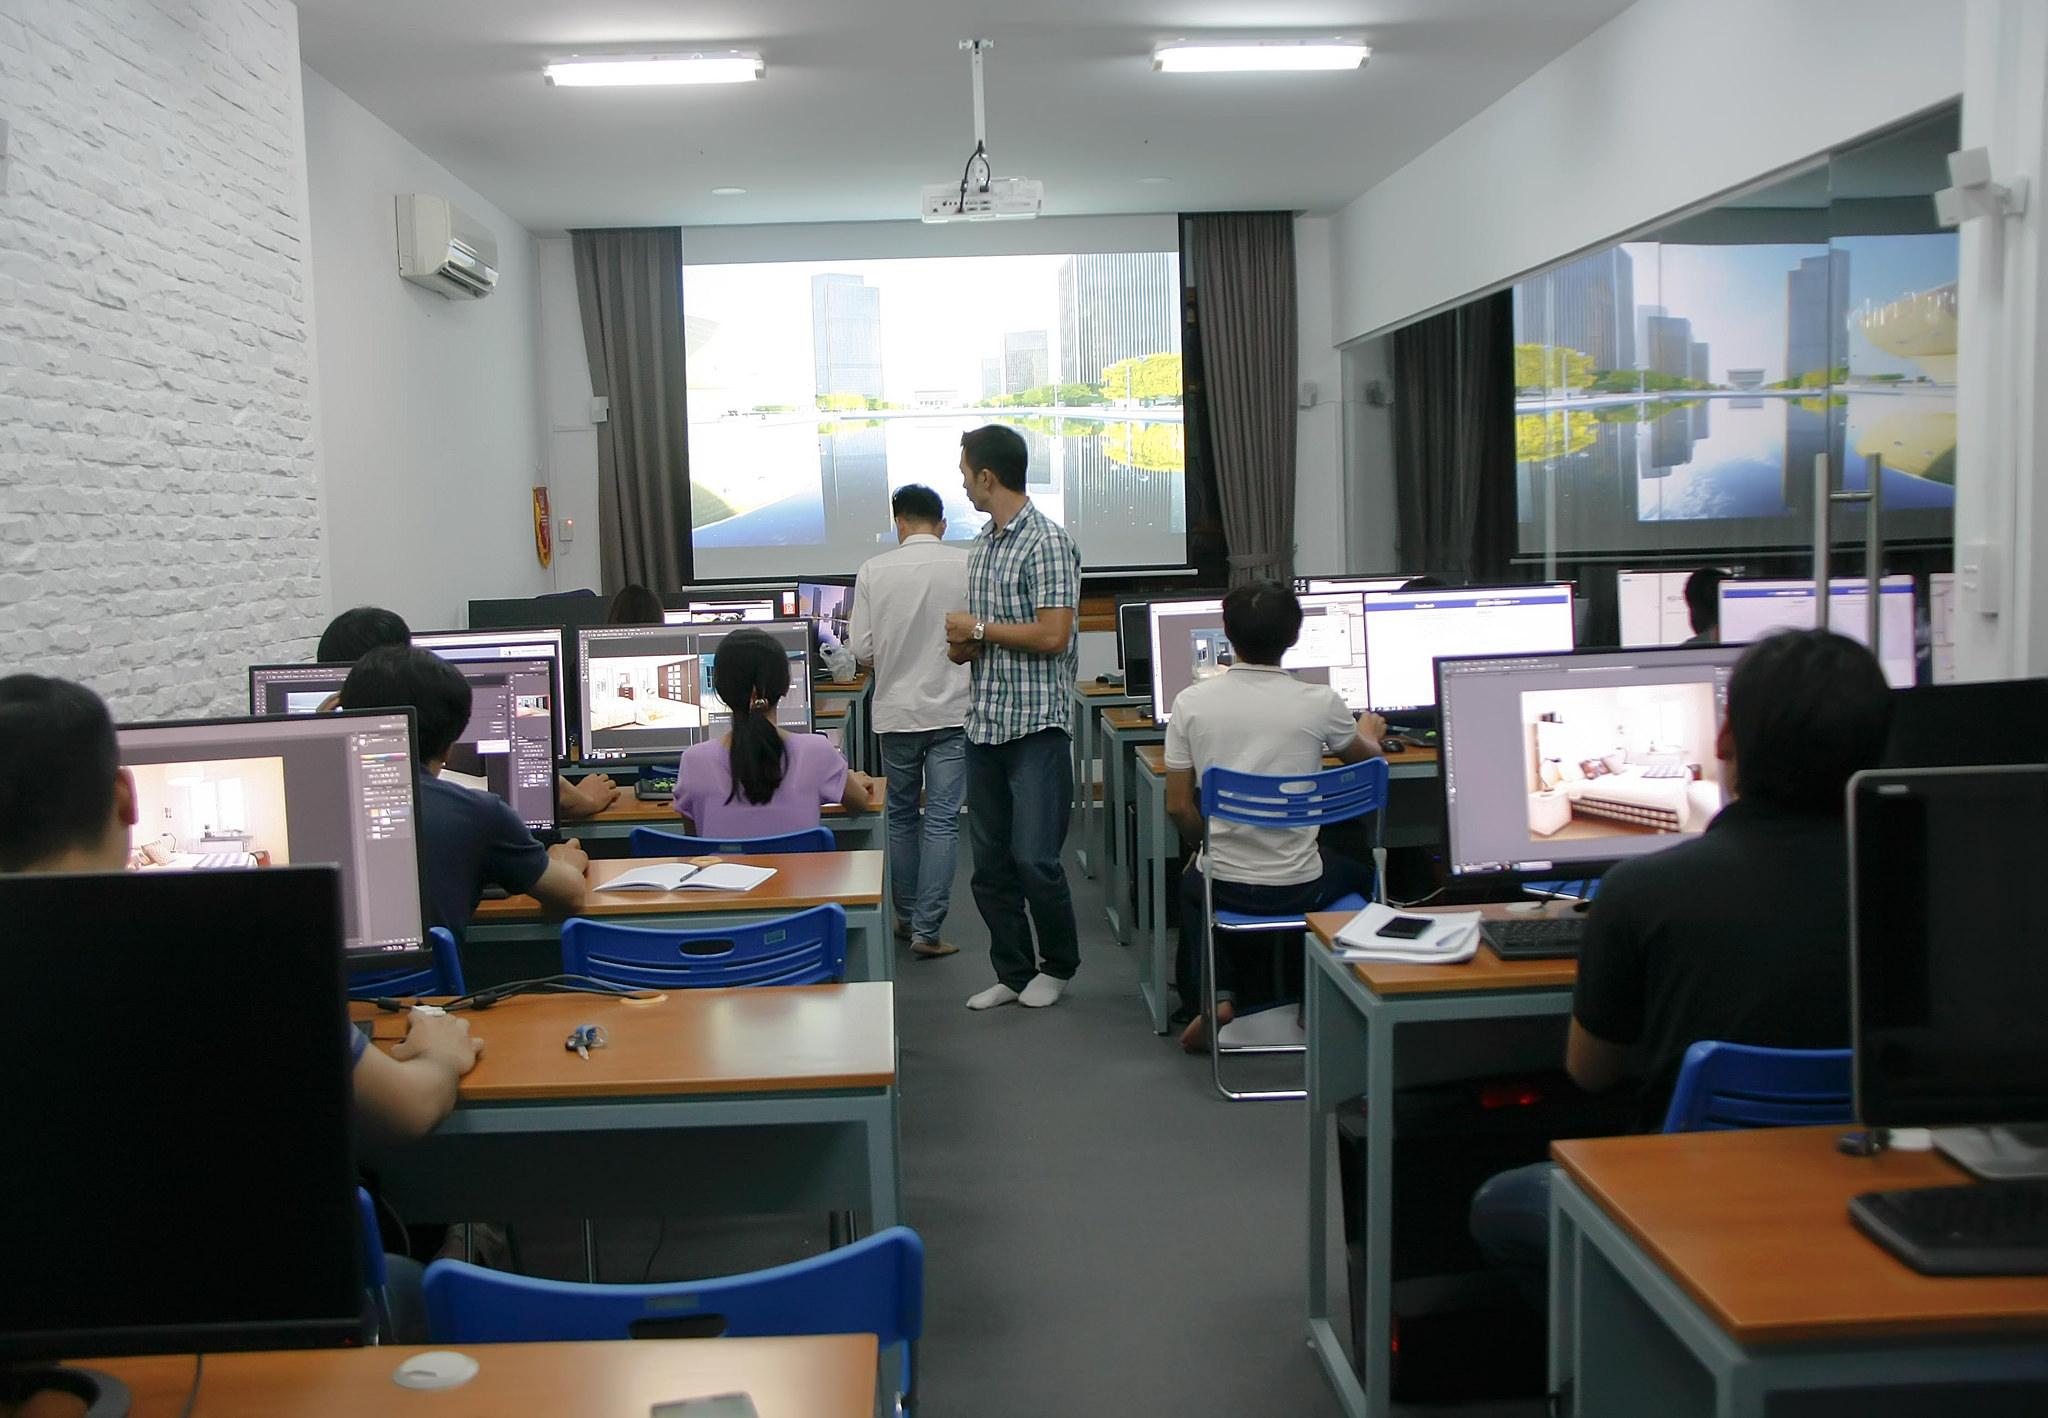 LỊCH KHAI GIẢNG CÁC LỚP 3D MAX, V-RAY THÁNG 10-11 -2015